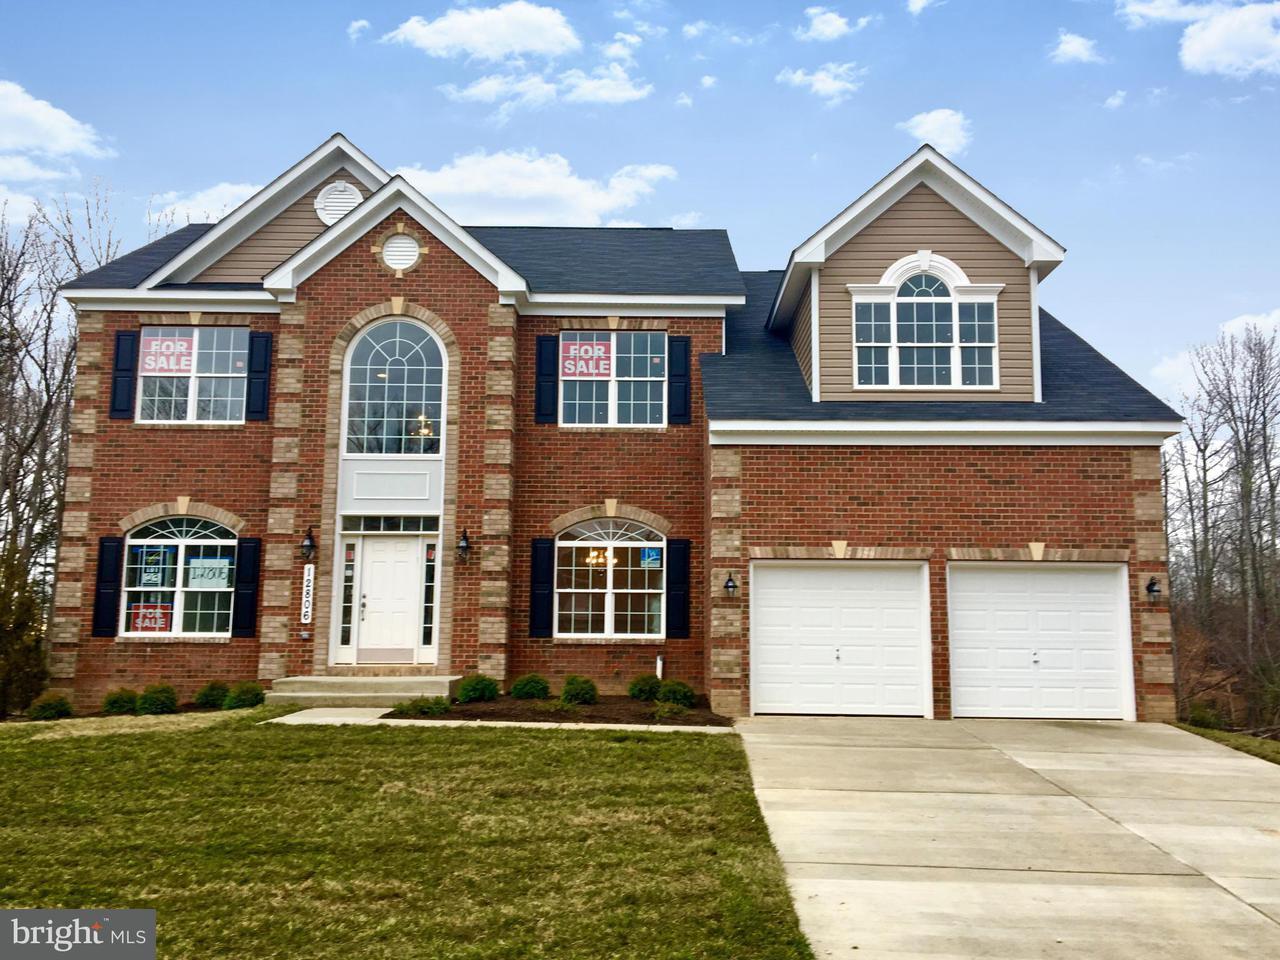 Частный односемейный дом для того Продажа на 12915 STEAM MILL FARM Drive 12915 STEAM MILL FARM Drive Brandywine, Мэриленд 20613 Соединенные Штаты